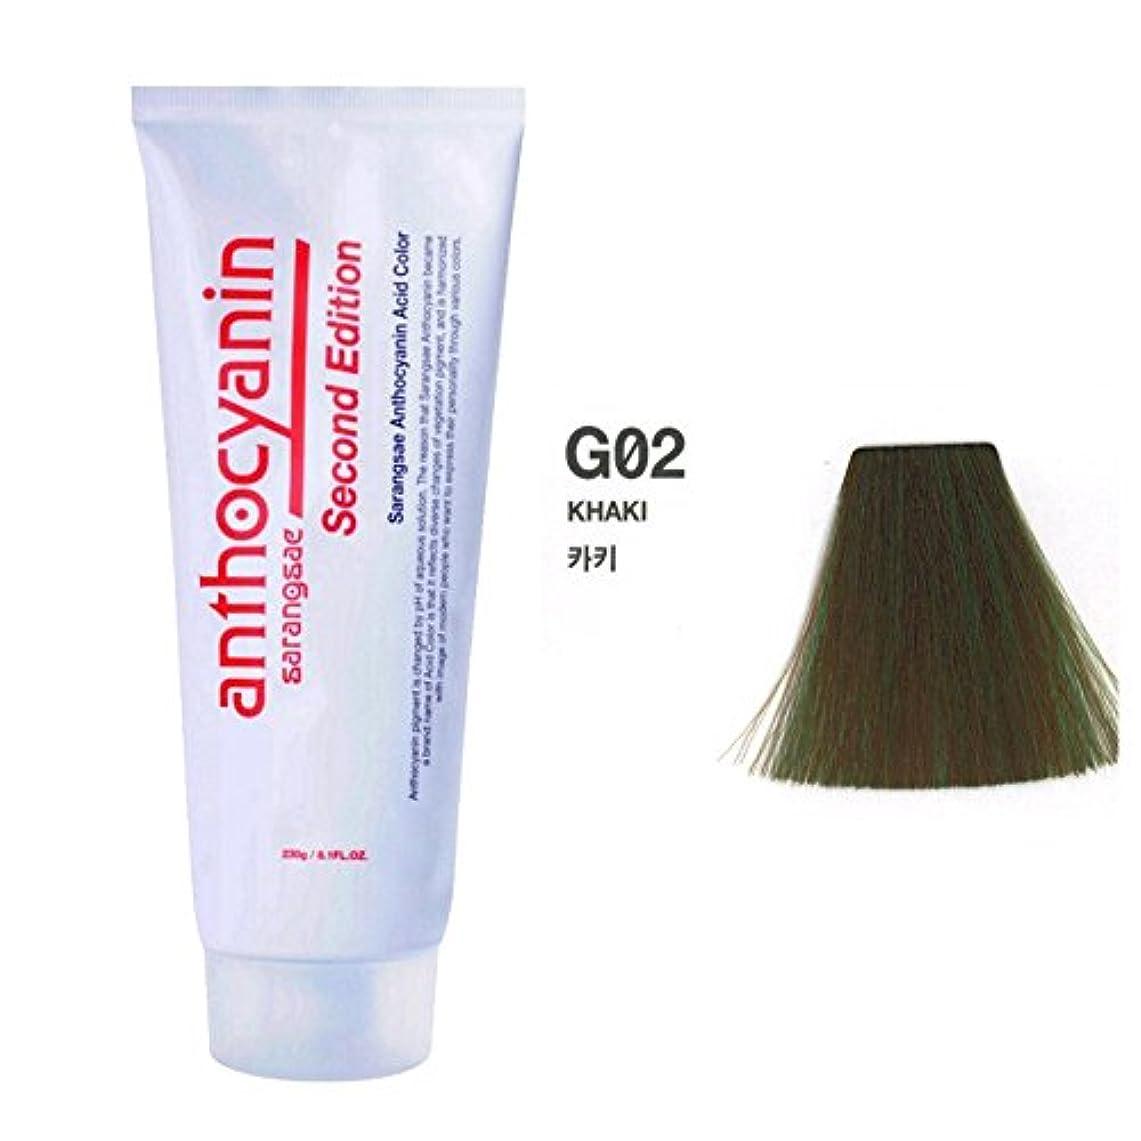 ブラウズ小さなマウンドヘア マニキュア カラー セカンド エディション 230g セミ パーマネント 染毛剤 (Hair Manicure Color Second Edition 230g Semi Permanent Hair Dye) [並行輸入品] (G02 Khaki)